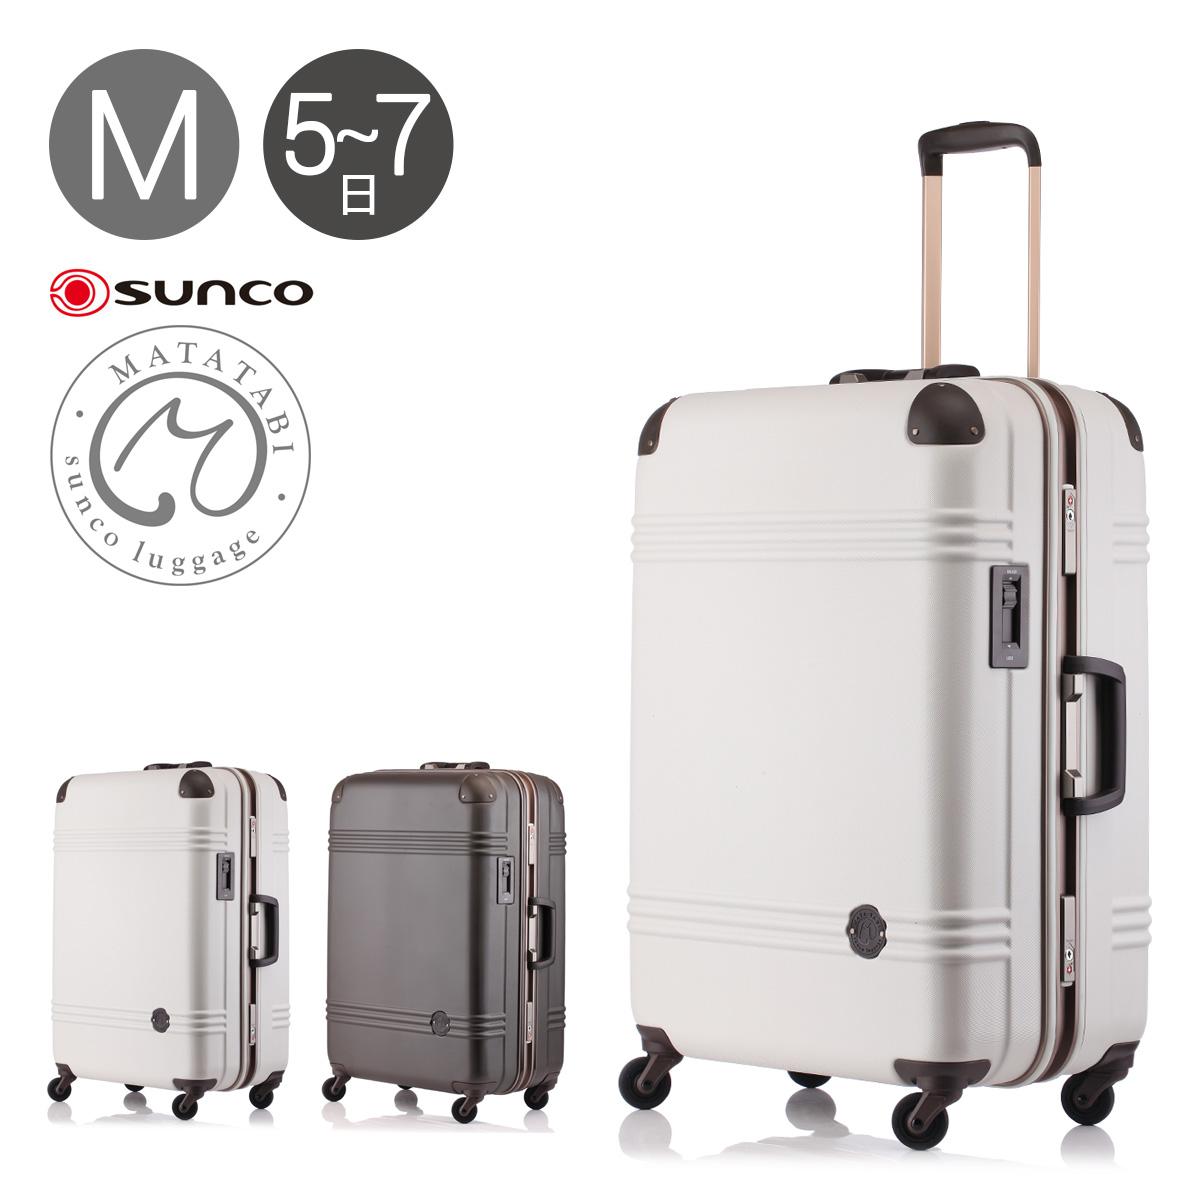 サンコー SUNCO スーツケース MATH-63 63cm MATATABI 【 キャリーケース 極静キャスター キャスターストッパー 】[PO10][bef][即日発送]